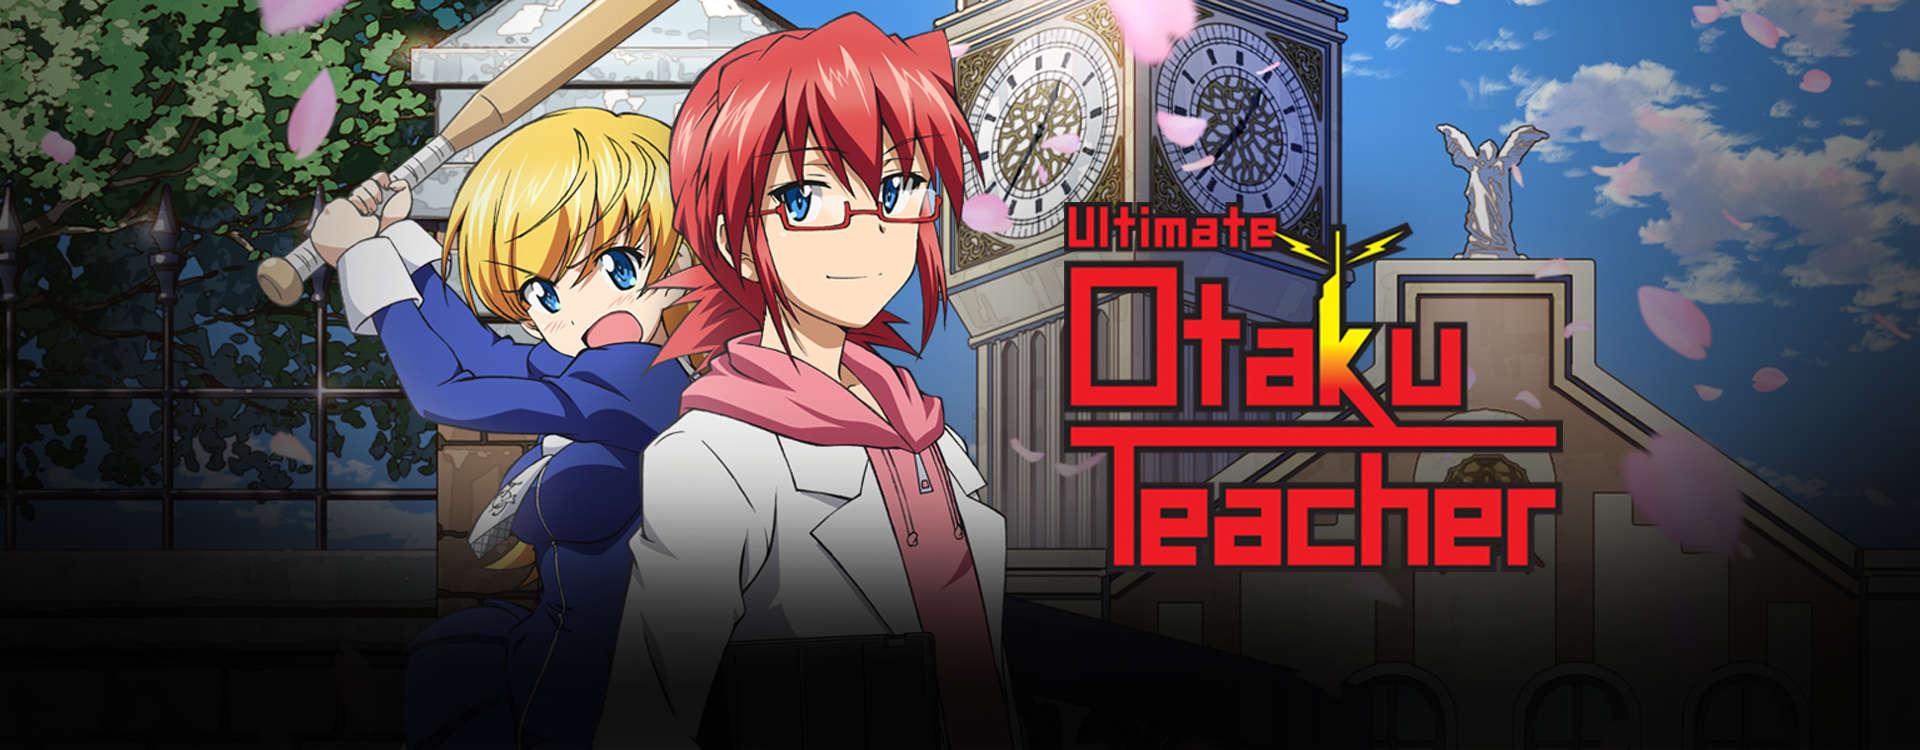 Ultimate Otaku Teacher